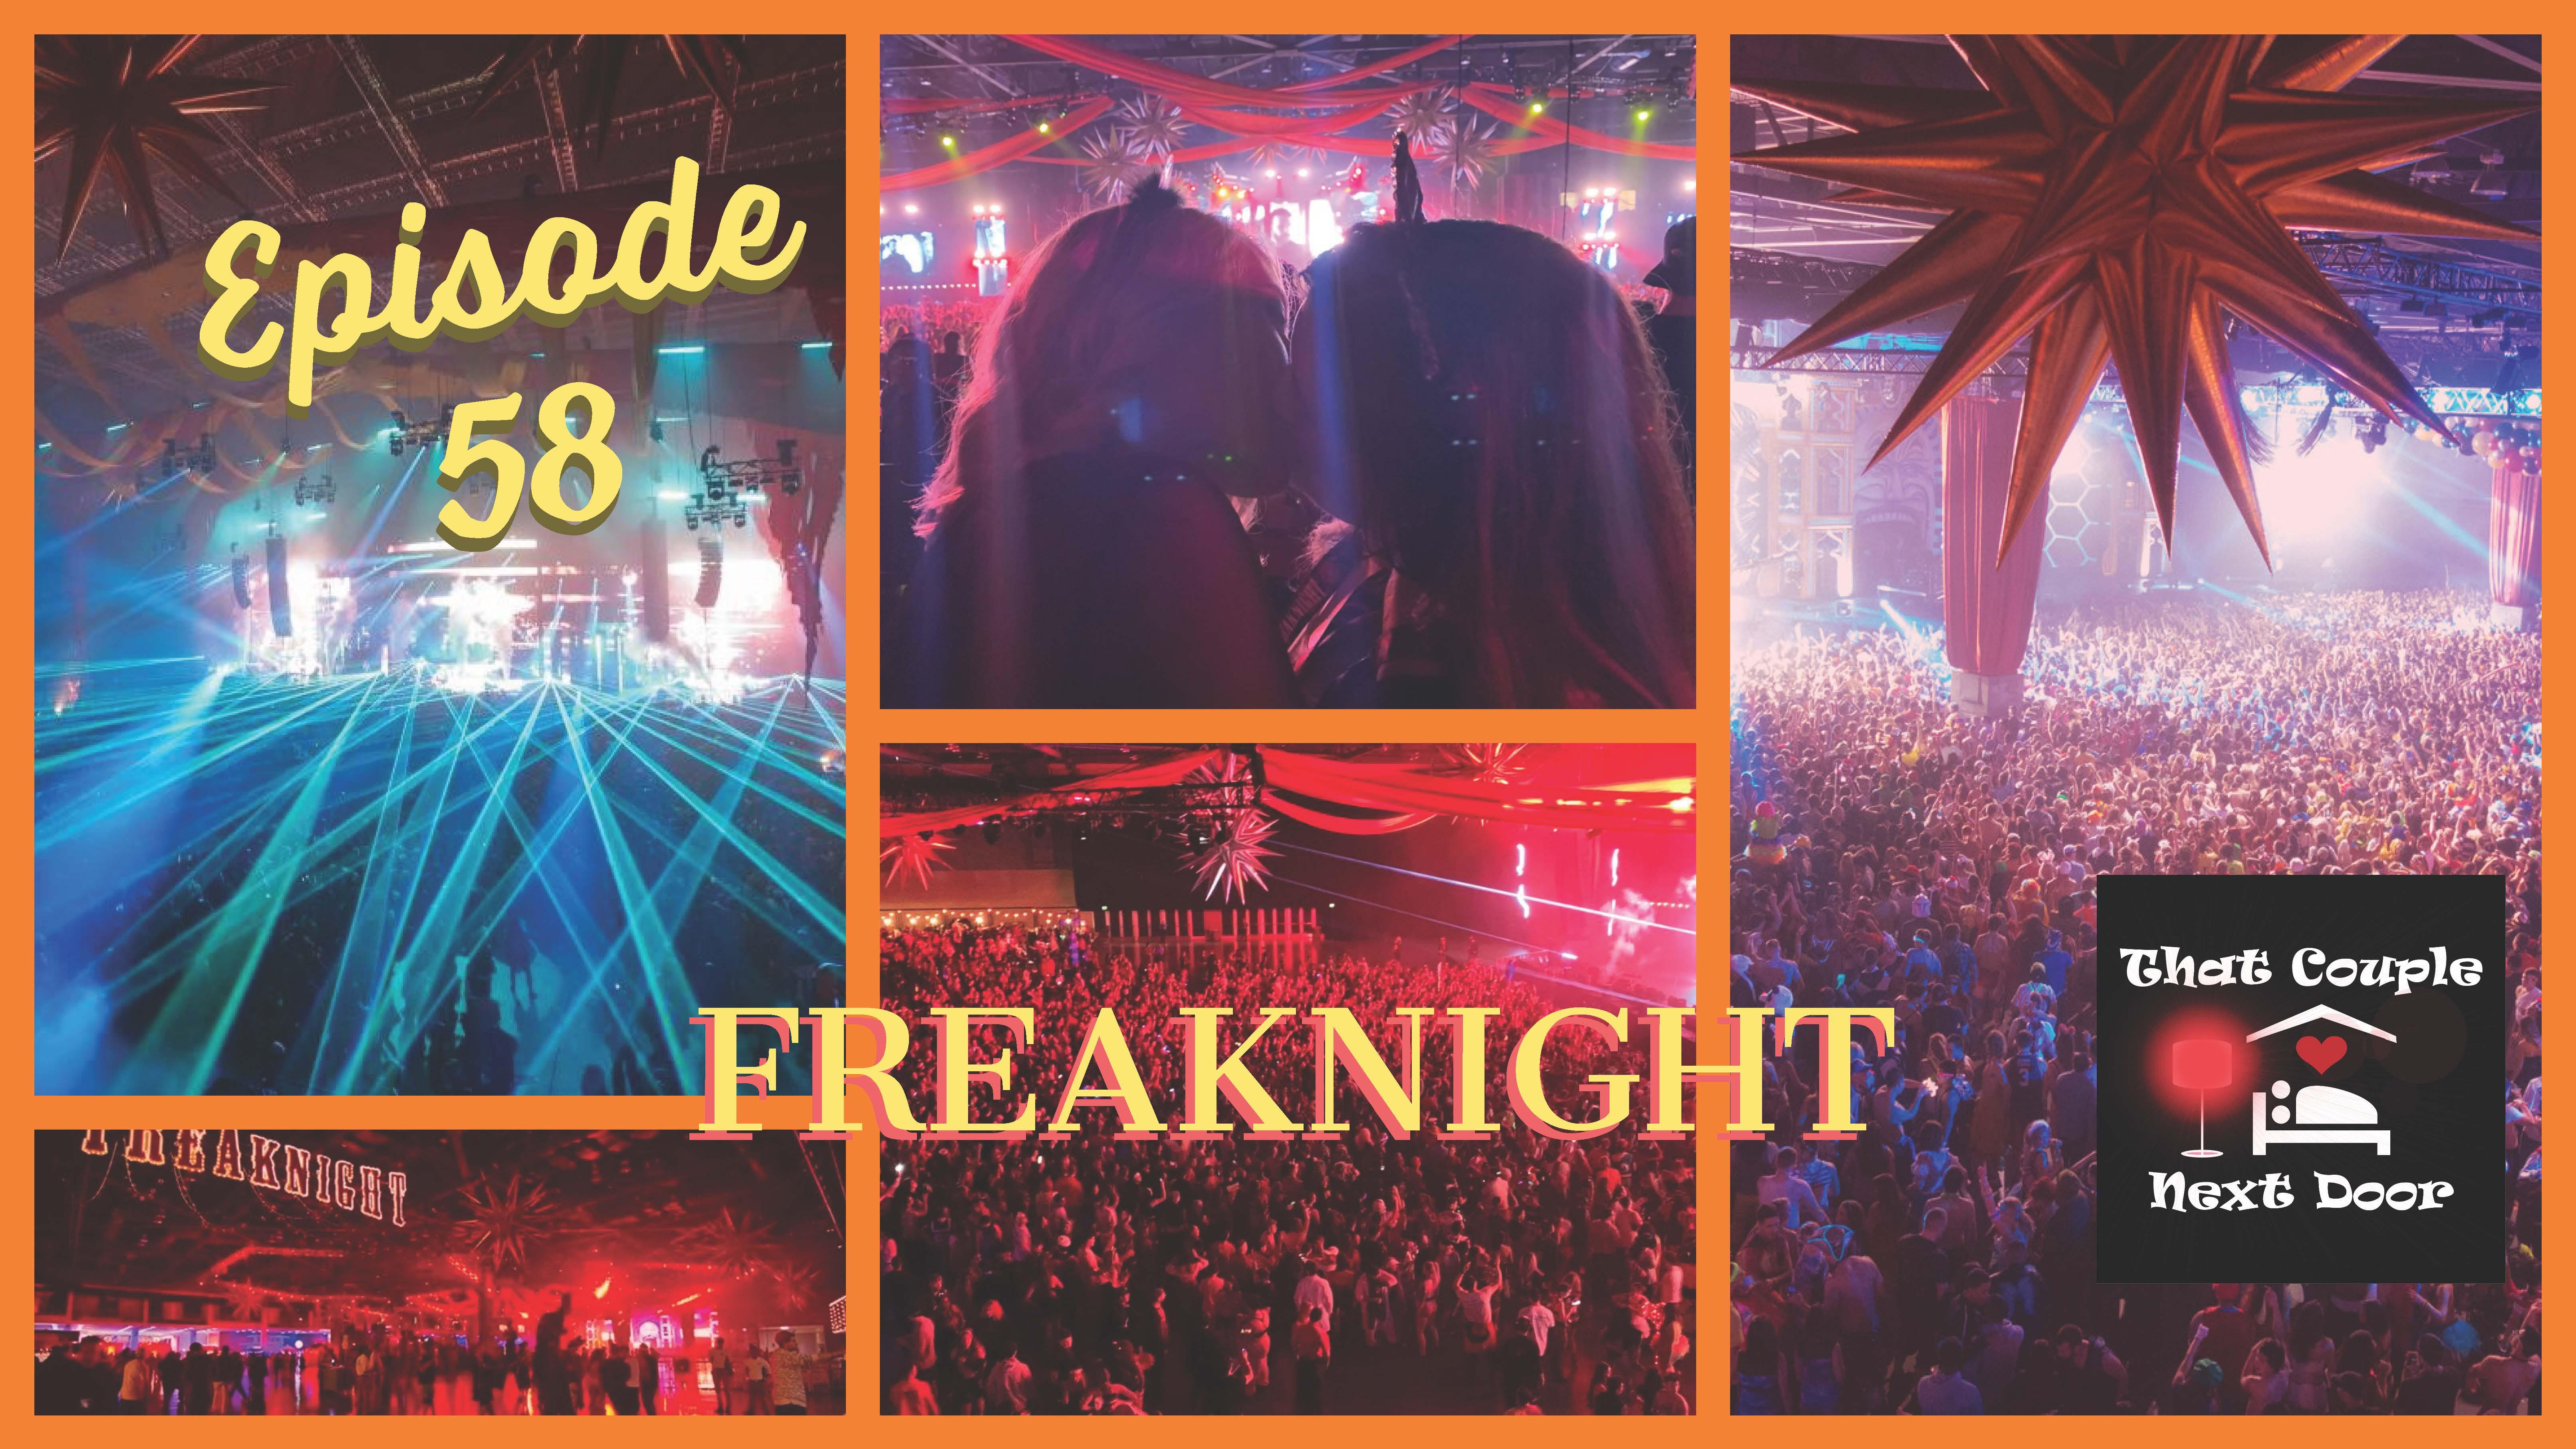 Episode 58 - FreakNight